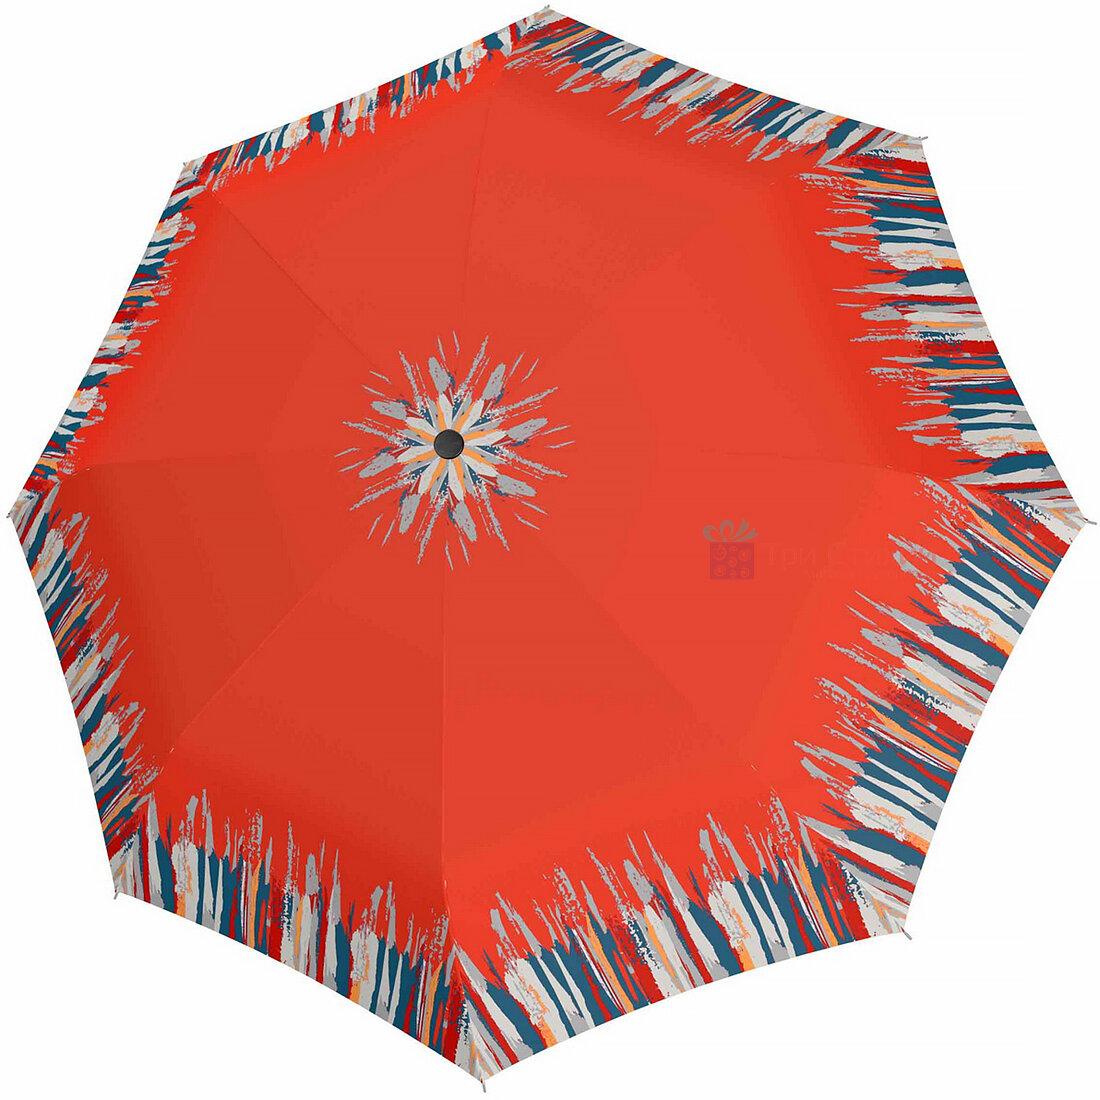 Зонт складной Doppler 7301652903-2 полуавтомат Оранжевый, Цвет: Оранжевый, фото